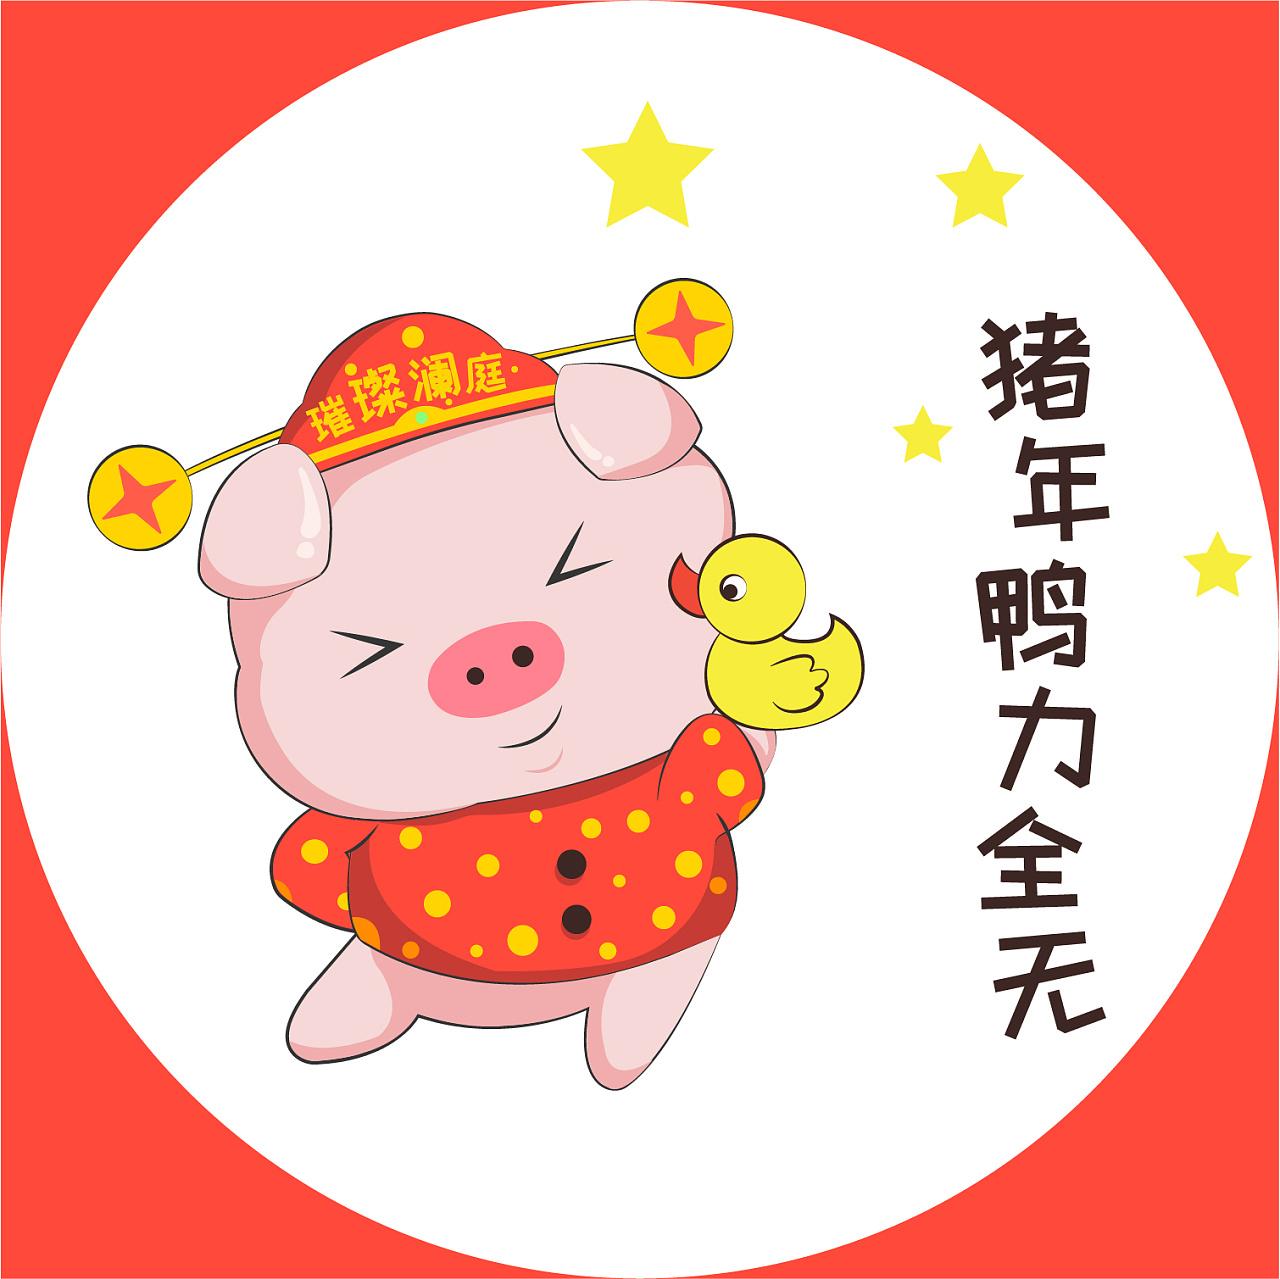 新春可爱小猪表情包动图